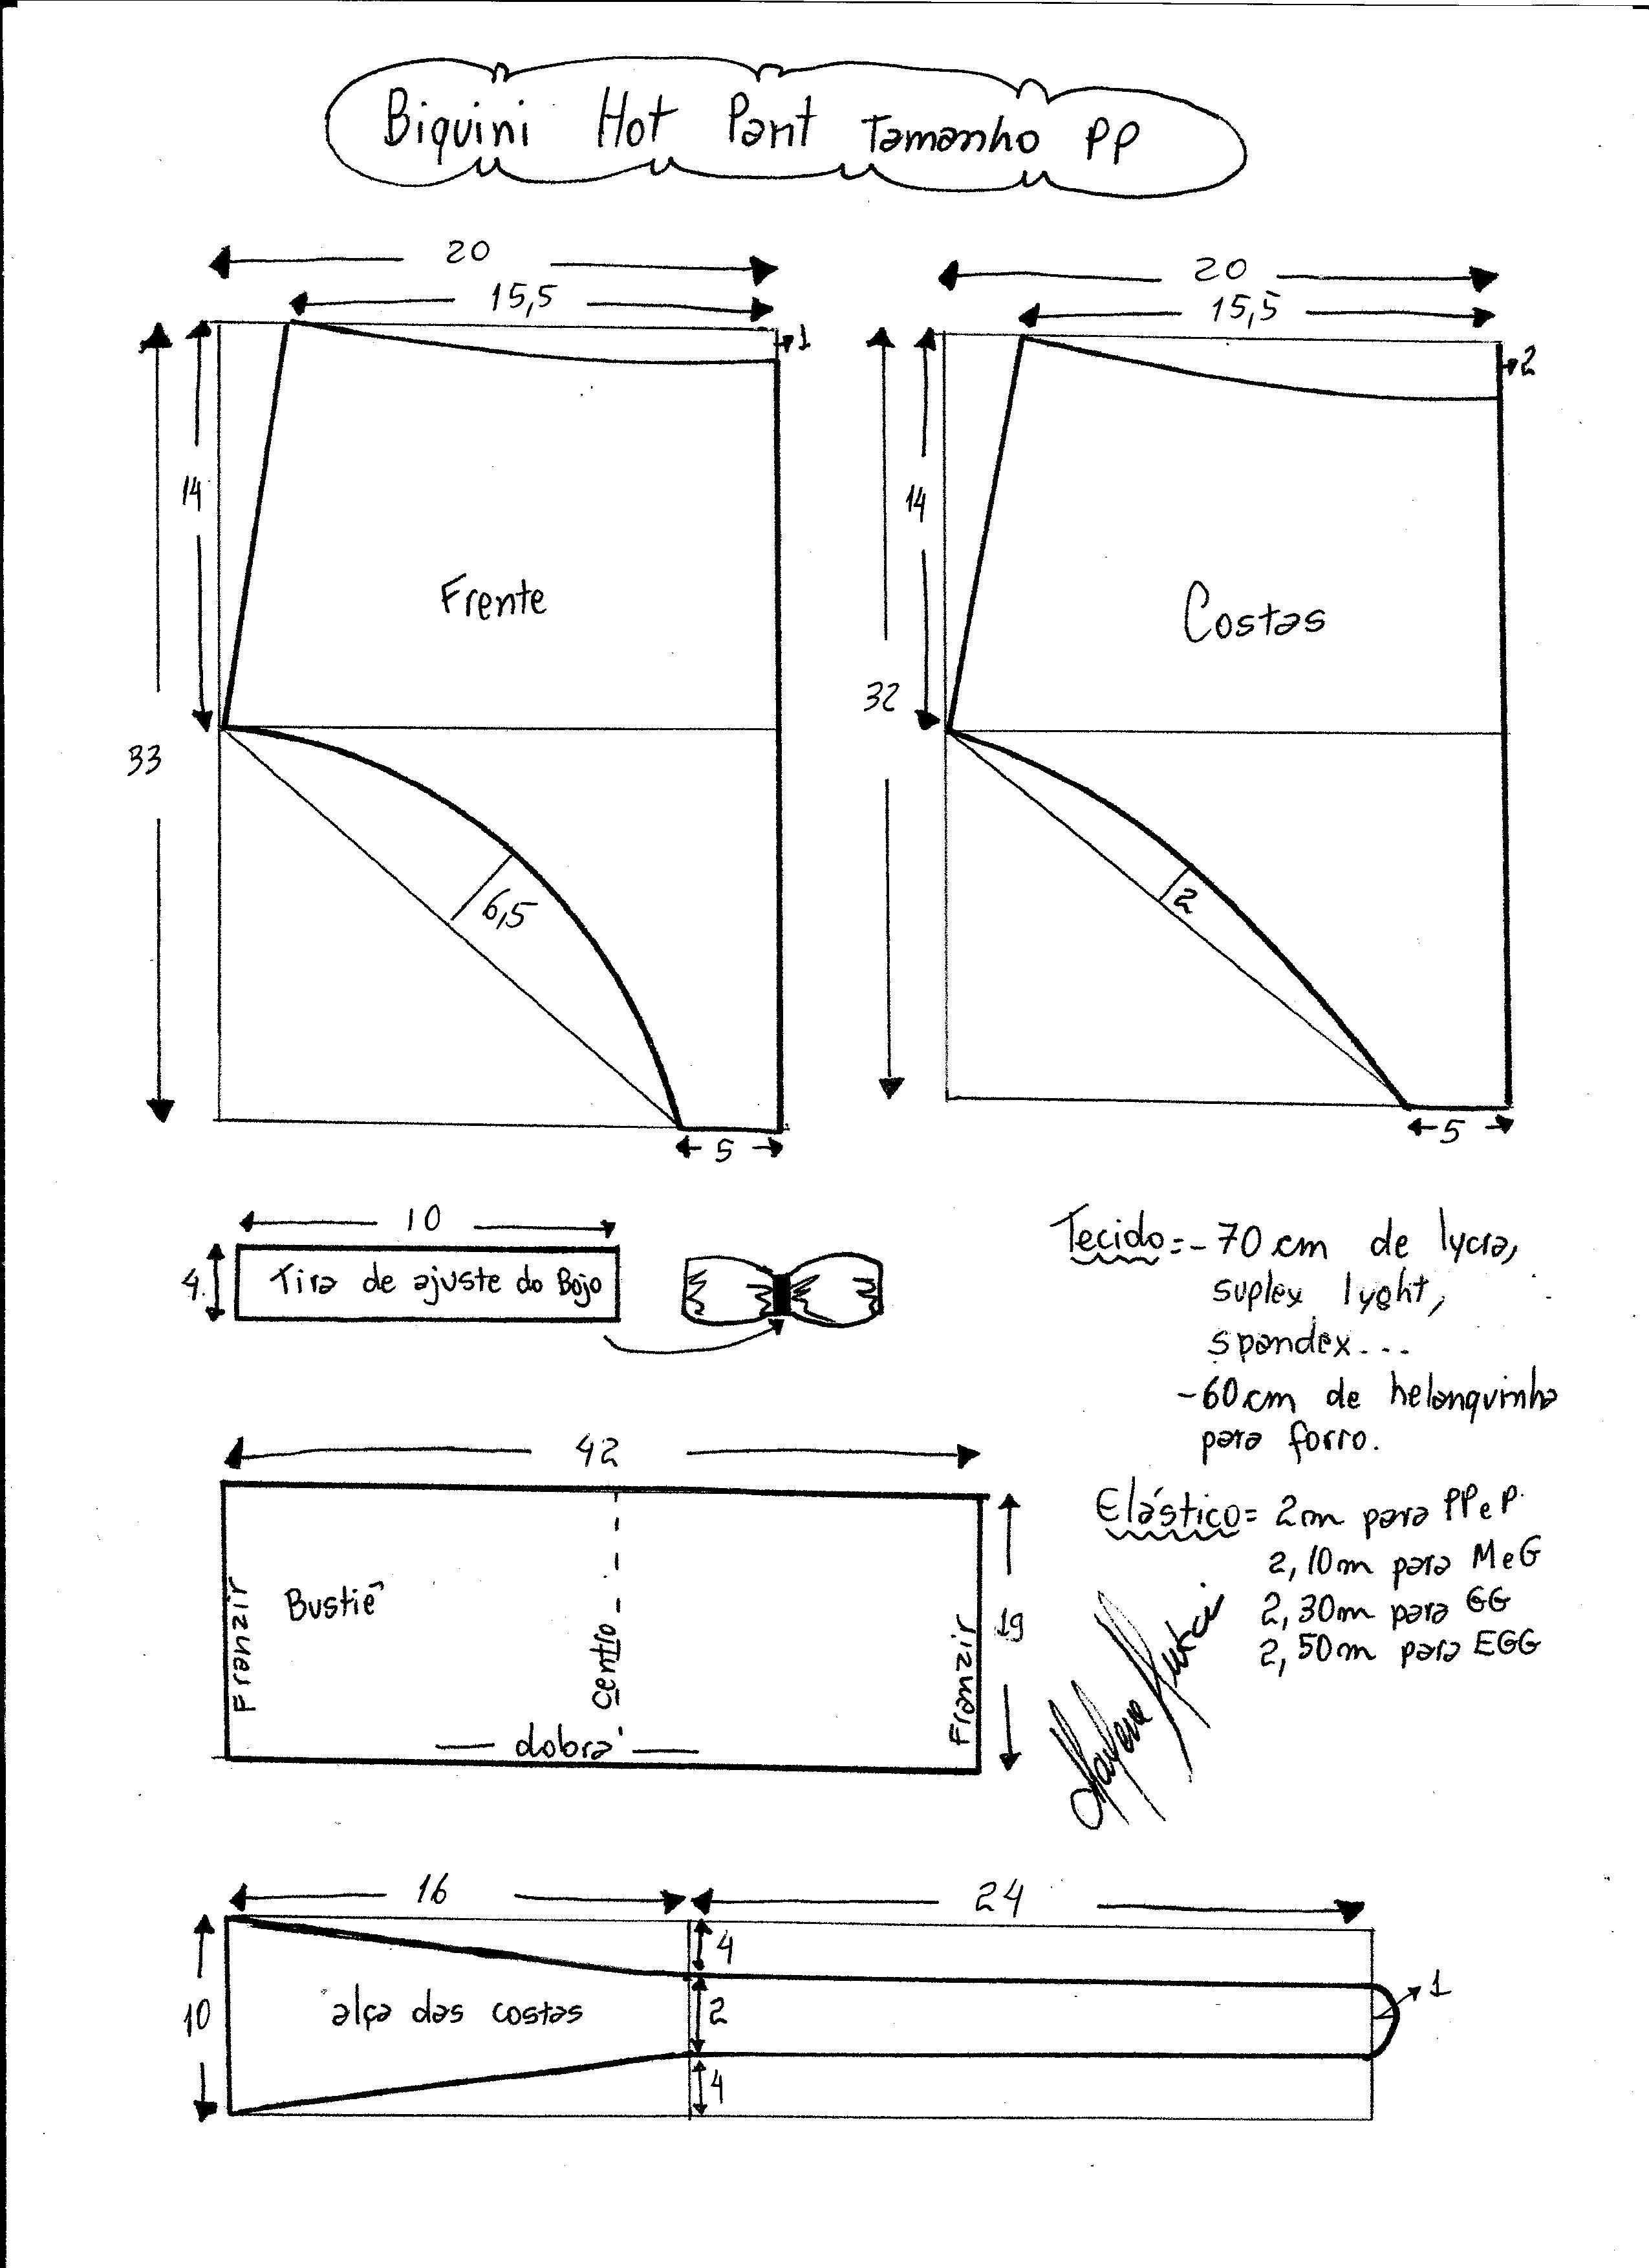 Esquema de modelagem de biquíni hot pant tamanho PP. b65ea3a6dd3